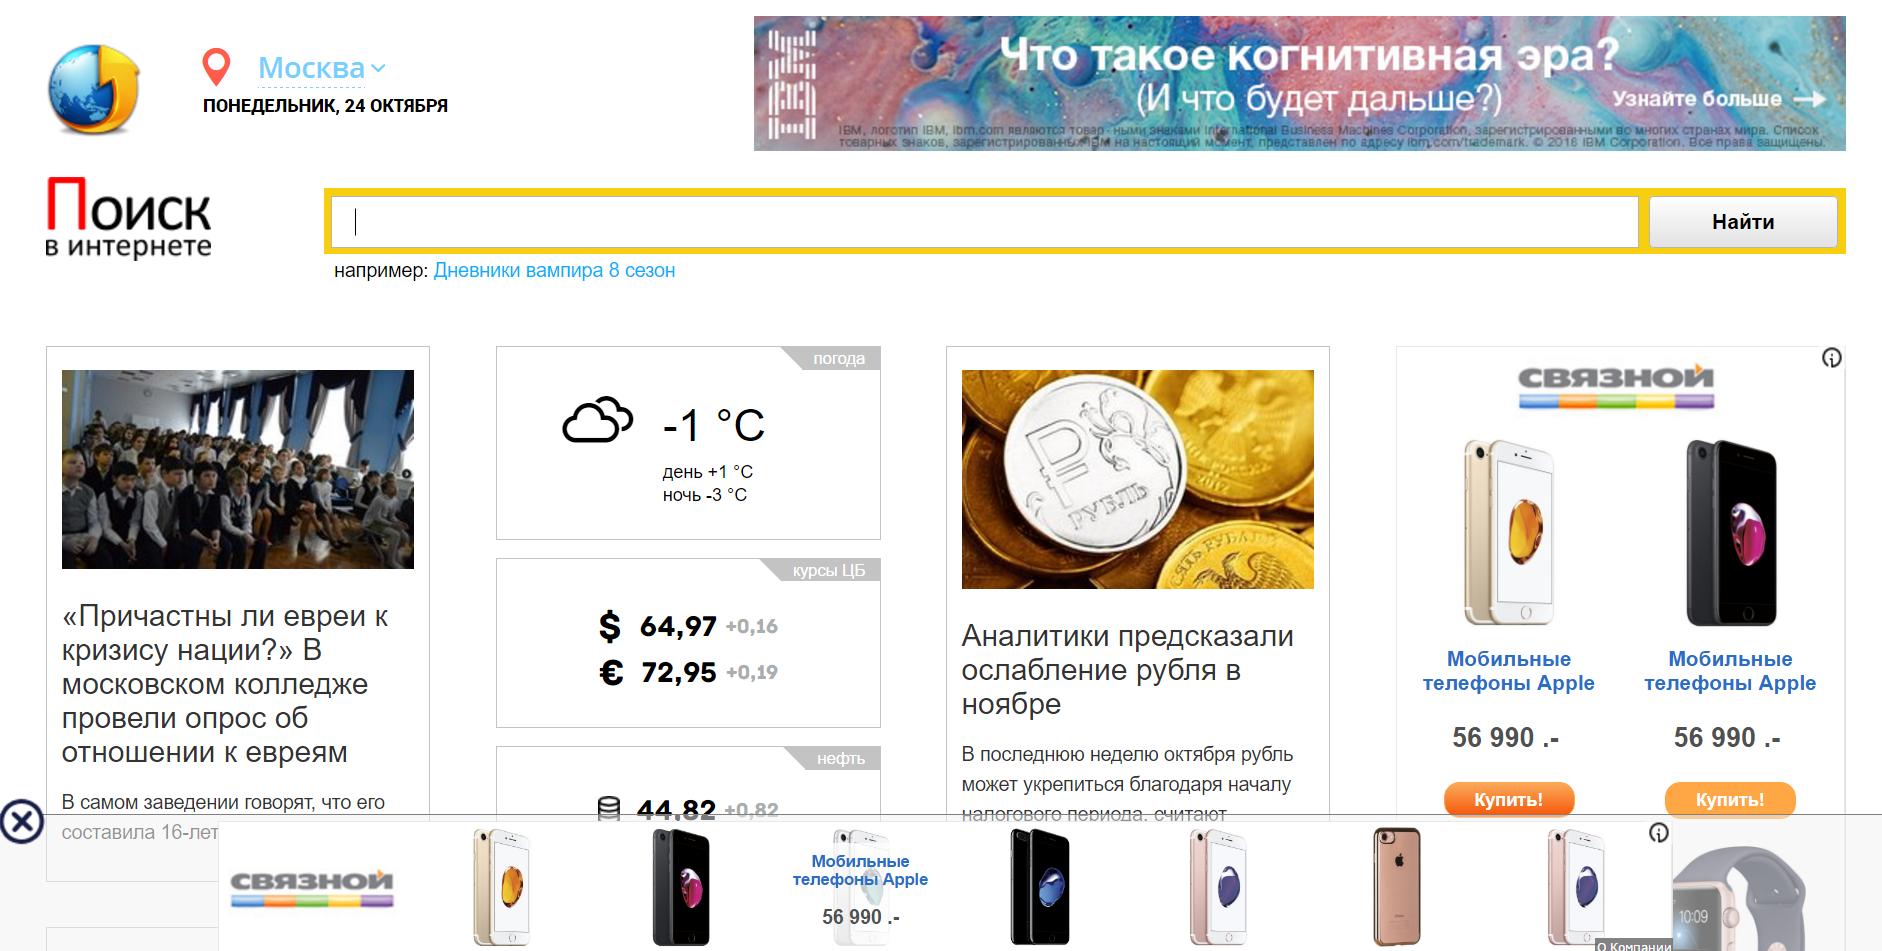 Ads by Smartinf.ru